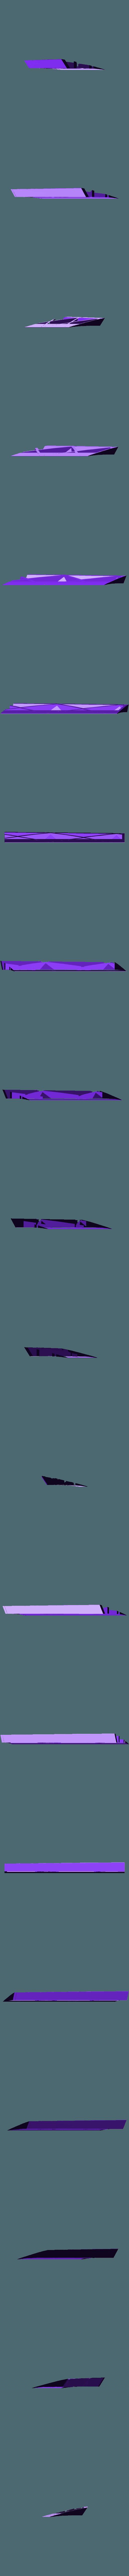 Aileron_2R_Scaled.stl Télécharger fichier STL gratuit Module HF3D : Plan imprimé 3D • Modèle pour imprimante 3D, FurEter